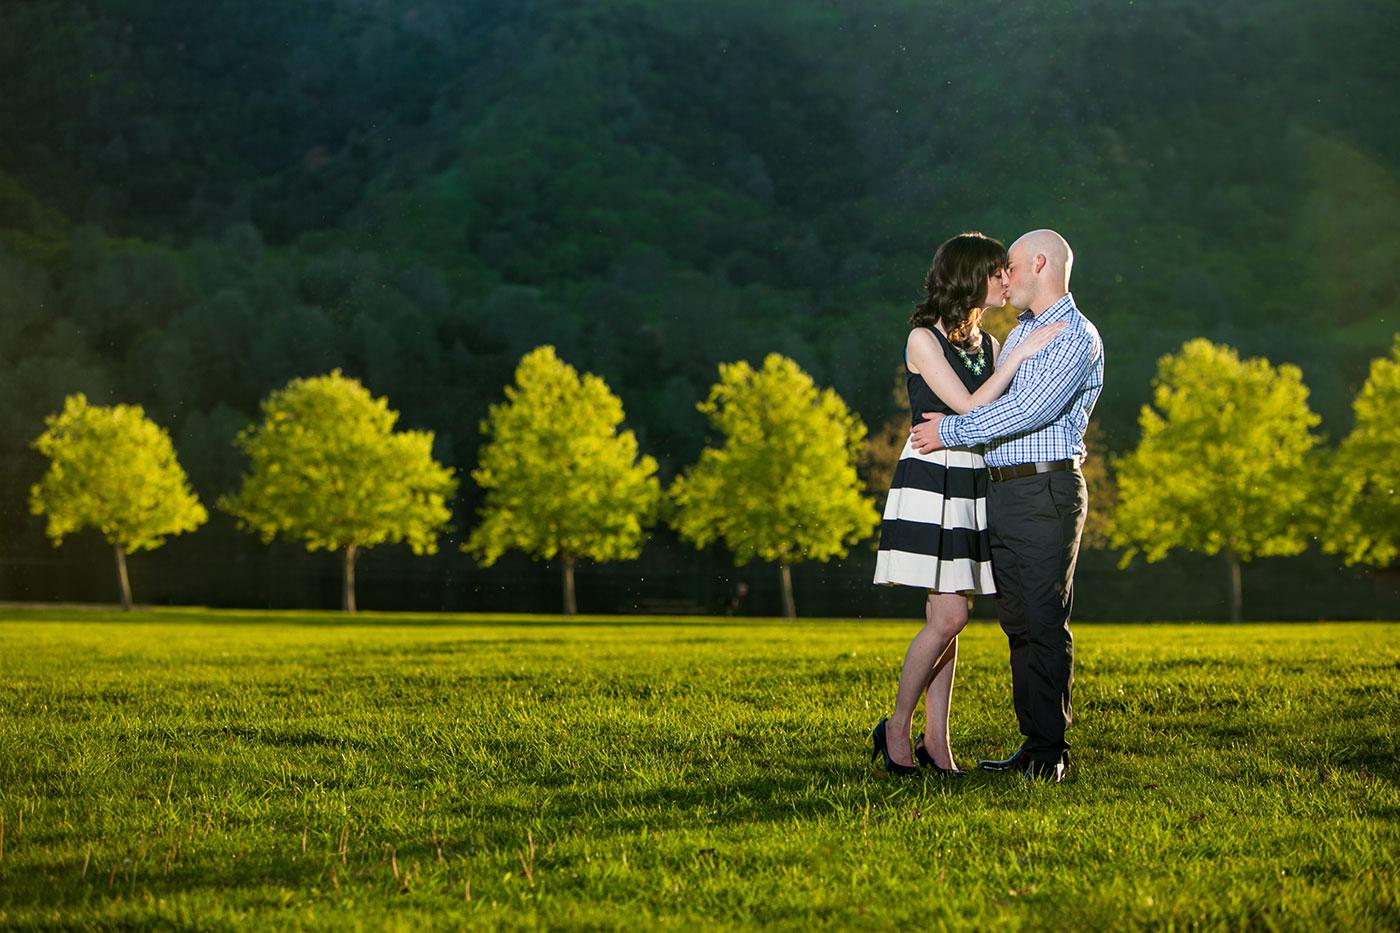 del-valle-park-engagement-photos